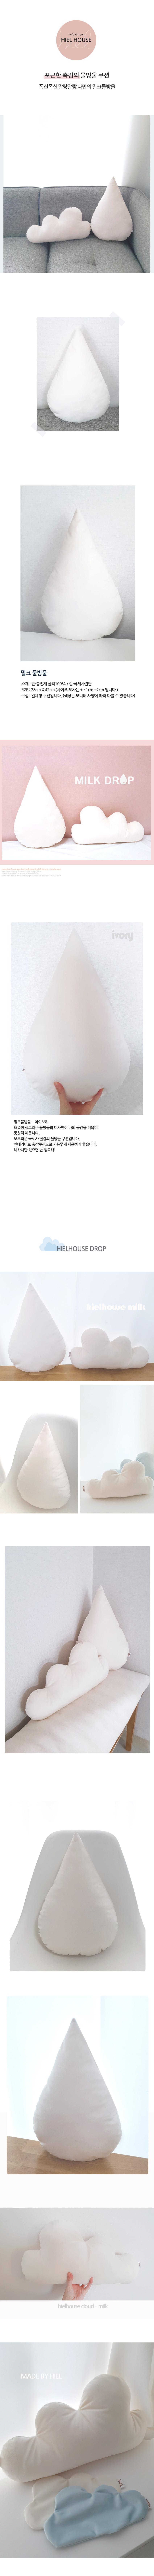 밀크 물방울 인테리어 쿠션(아기방 인테리어) - 히엘하우스, 19,000원, 쿠션, 무지/솔리드